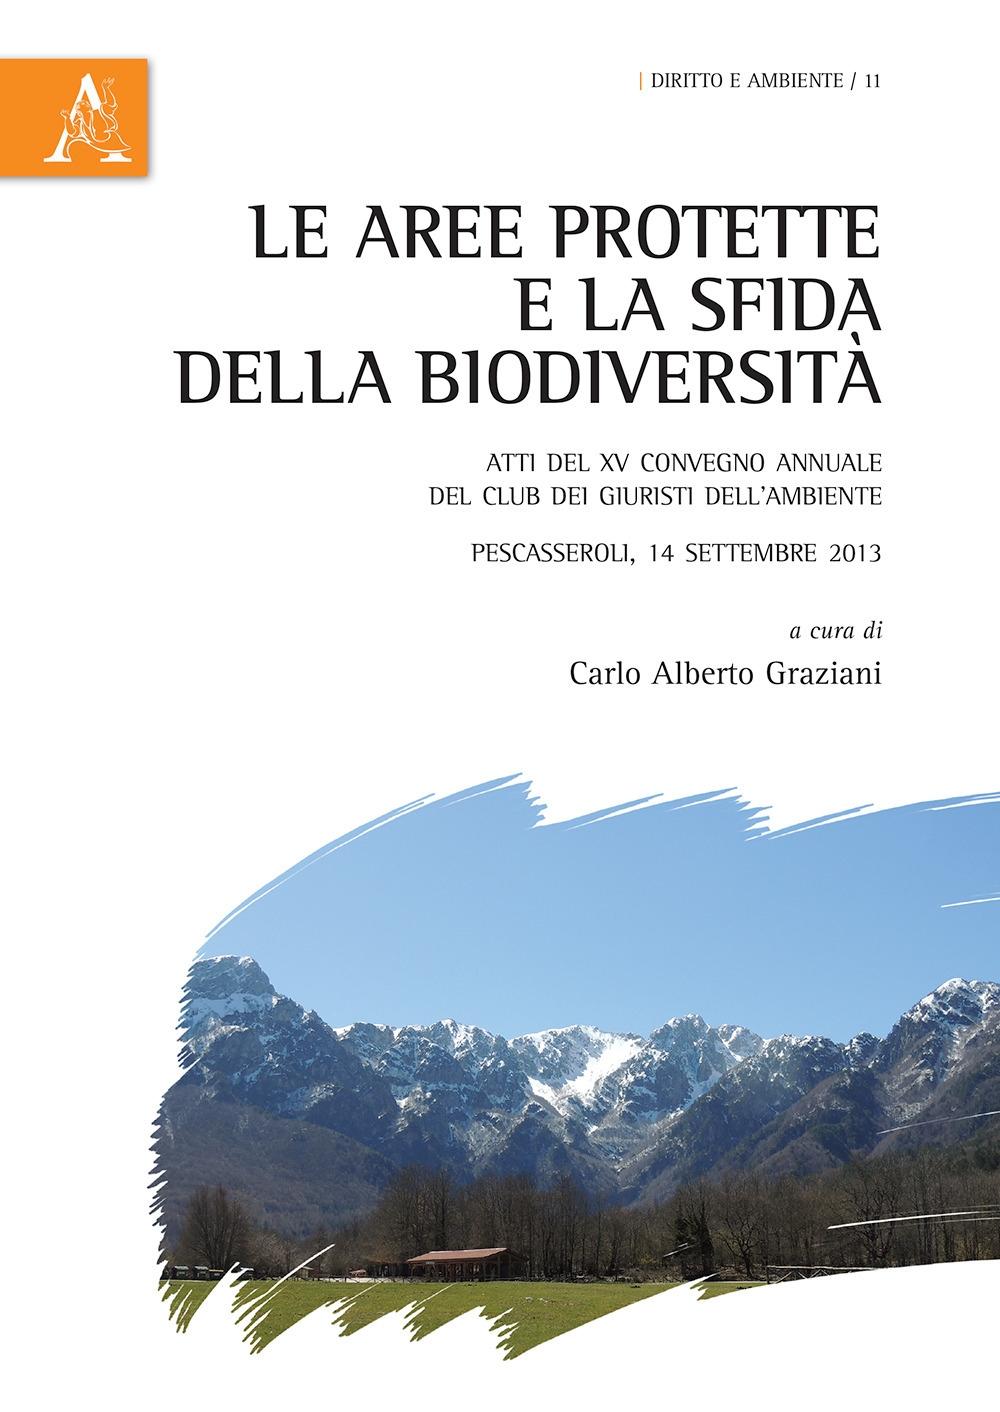 Le aree protette e la sfida della biodiversità. Atti del XV Convegno annuale del Club dei Giuristi dell'Ambiente. Pescasseroli (AQ), 14 settembre 2013